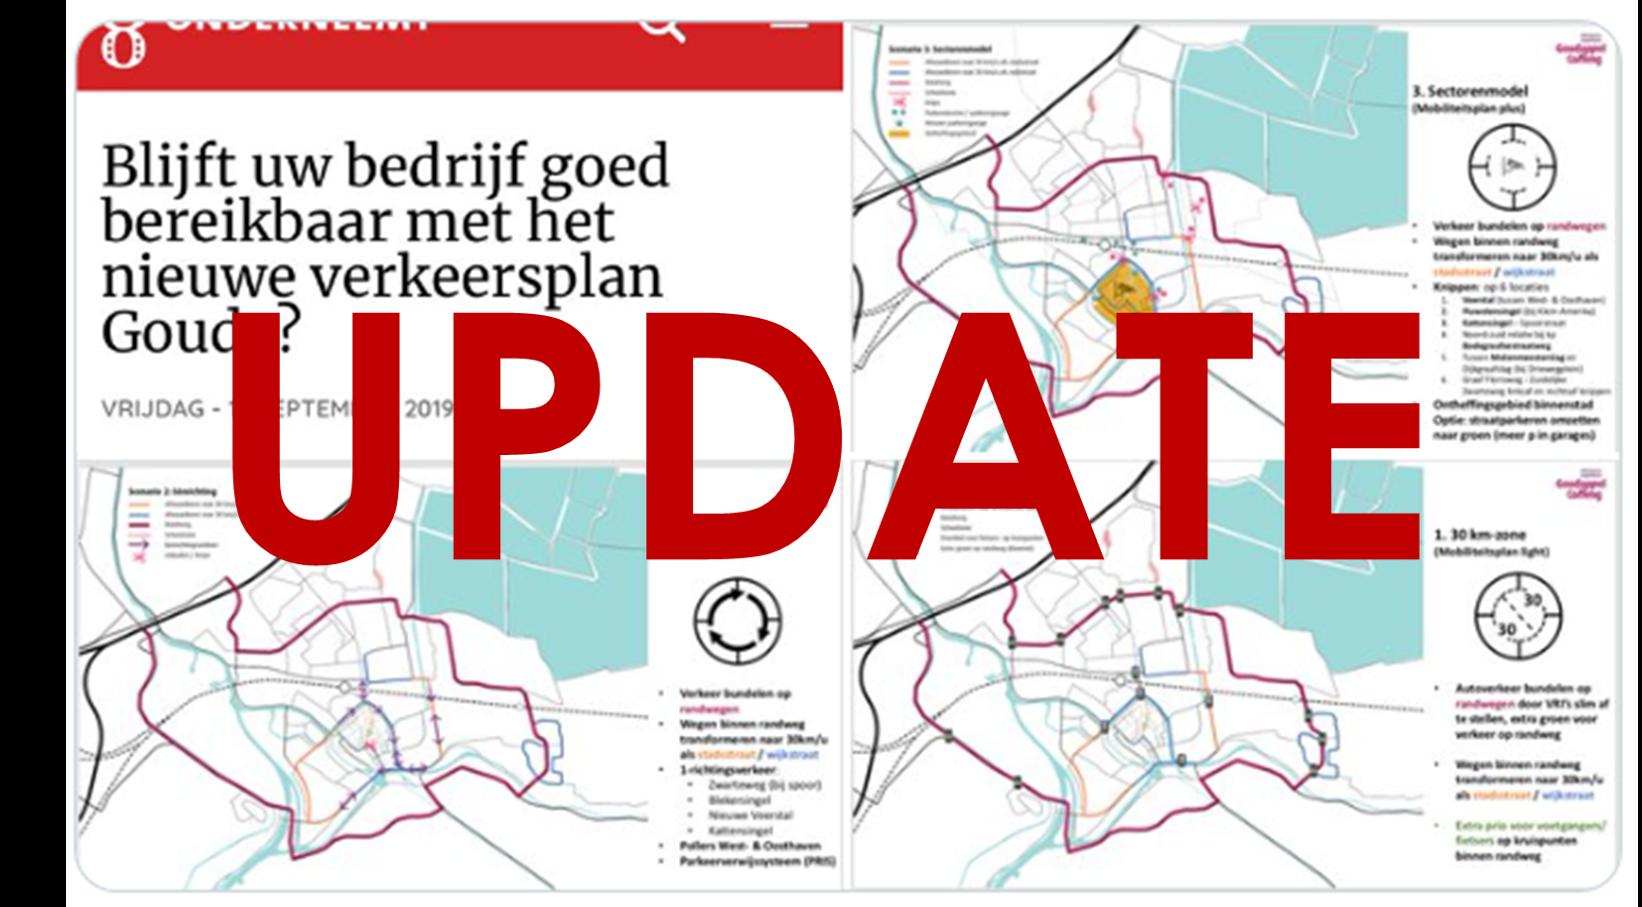 Gemeente Gouda publiceert het Verkeers-Circulatie Plan (VCP)